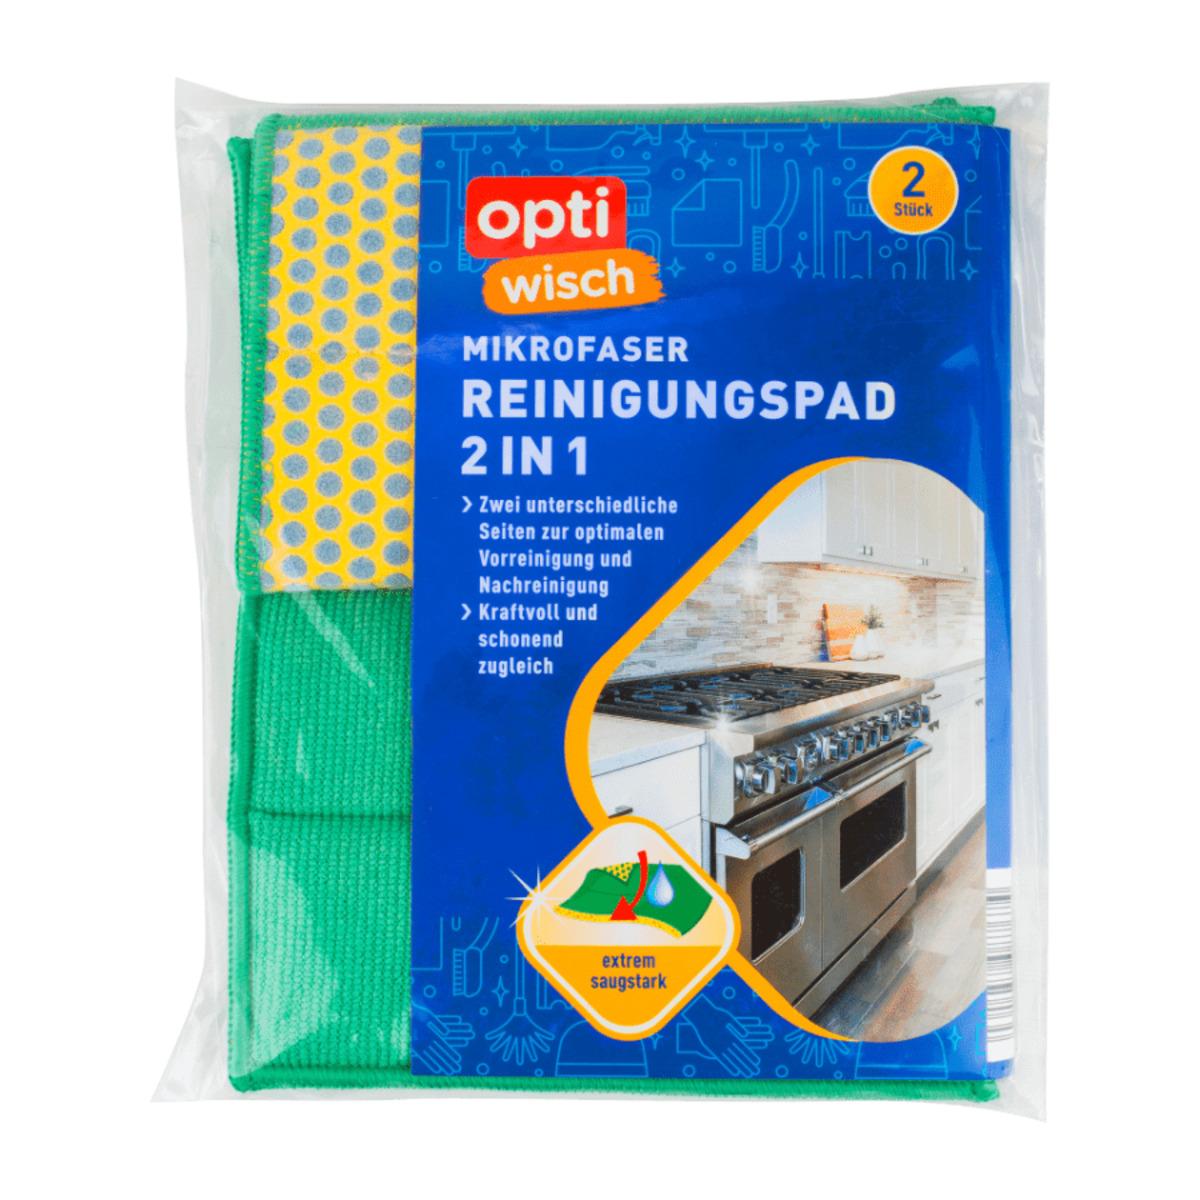 Bild 4 von OPTIWISCH     Reinigungspads / Fugenschwämme